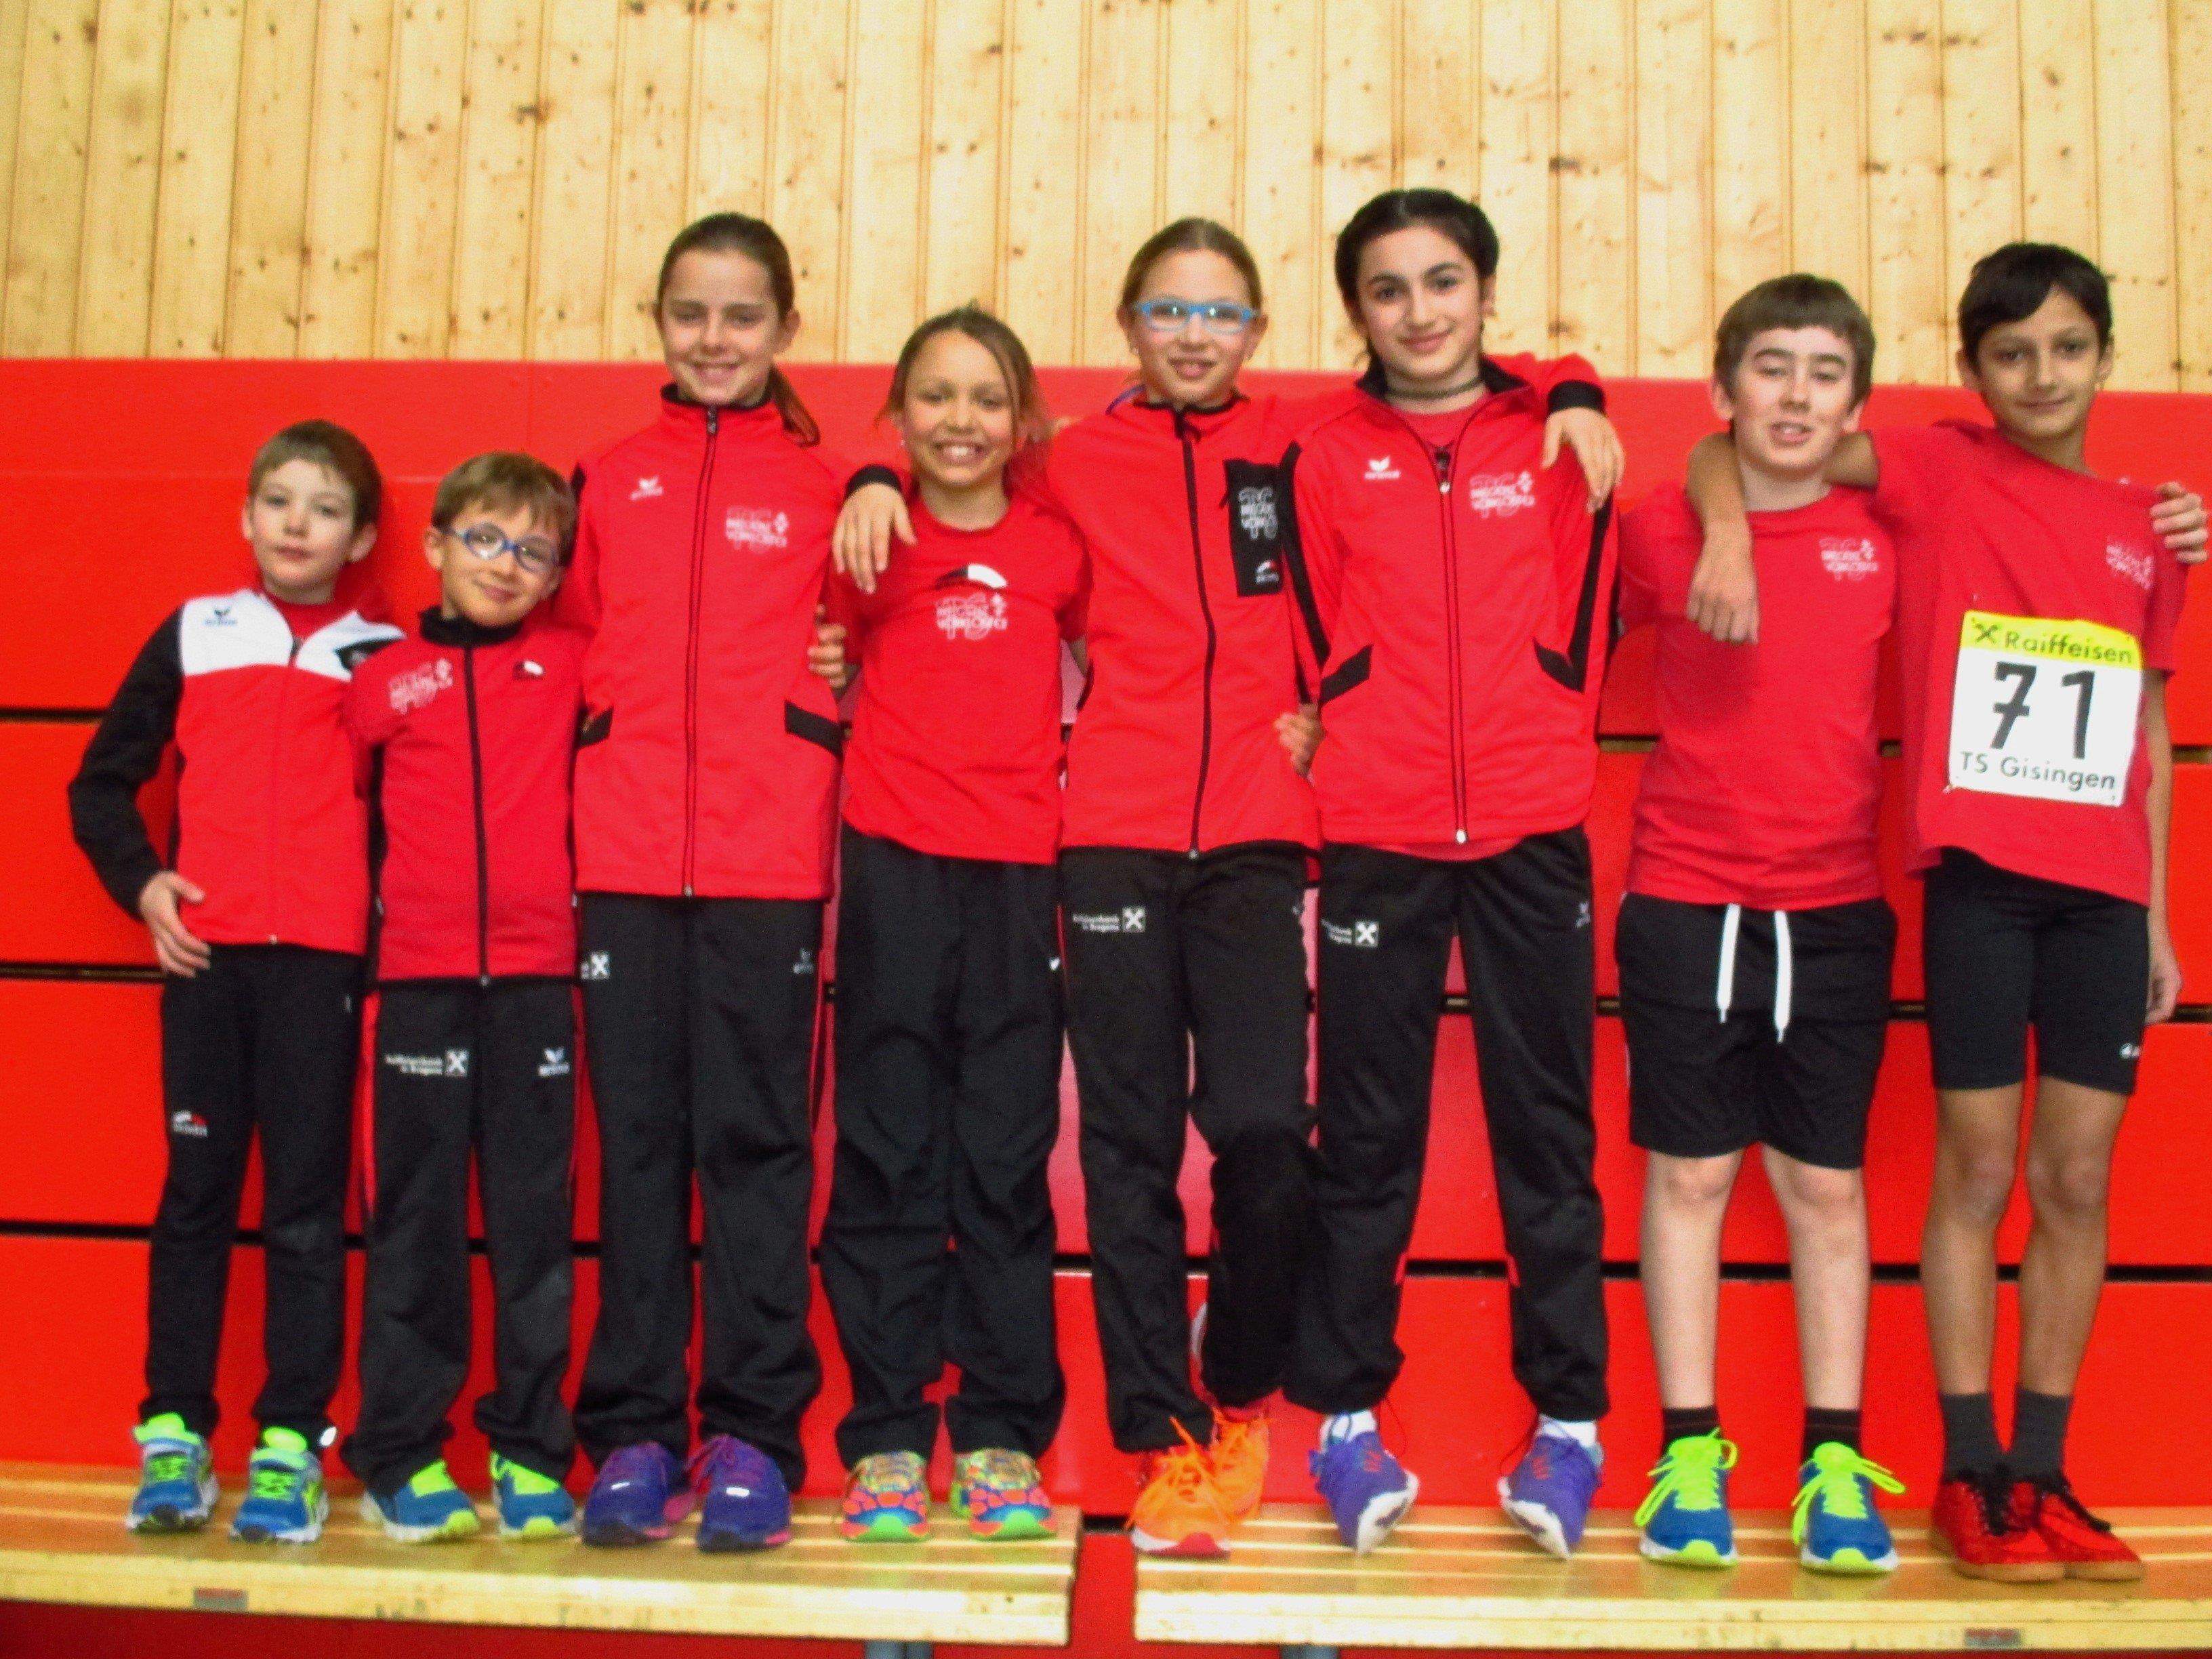 Die Teilnehmer der TS Bregenz-Vorkloster an der VLV-Hallenmeisterschaft in Dornbirn.